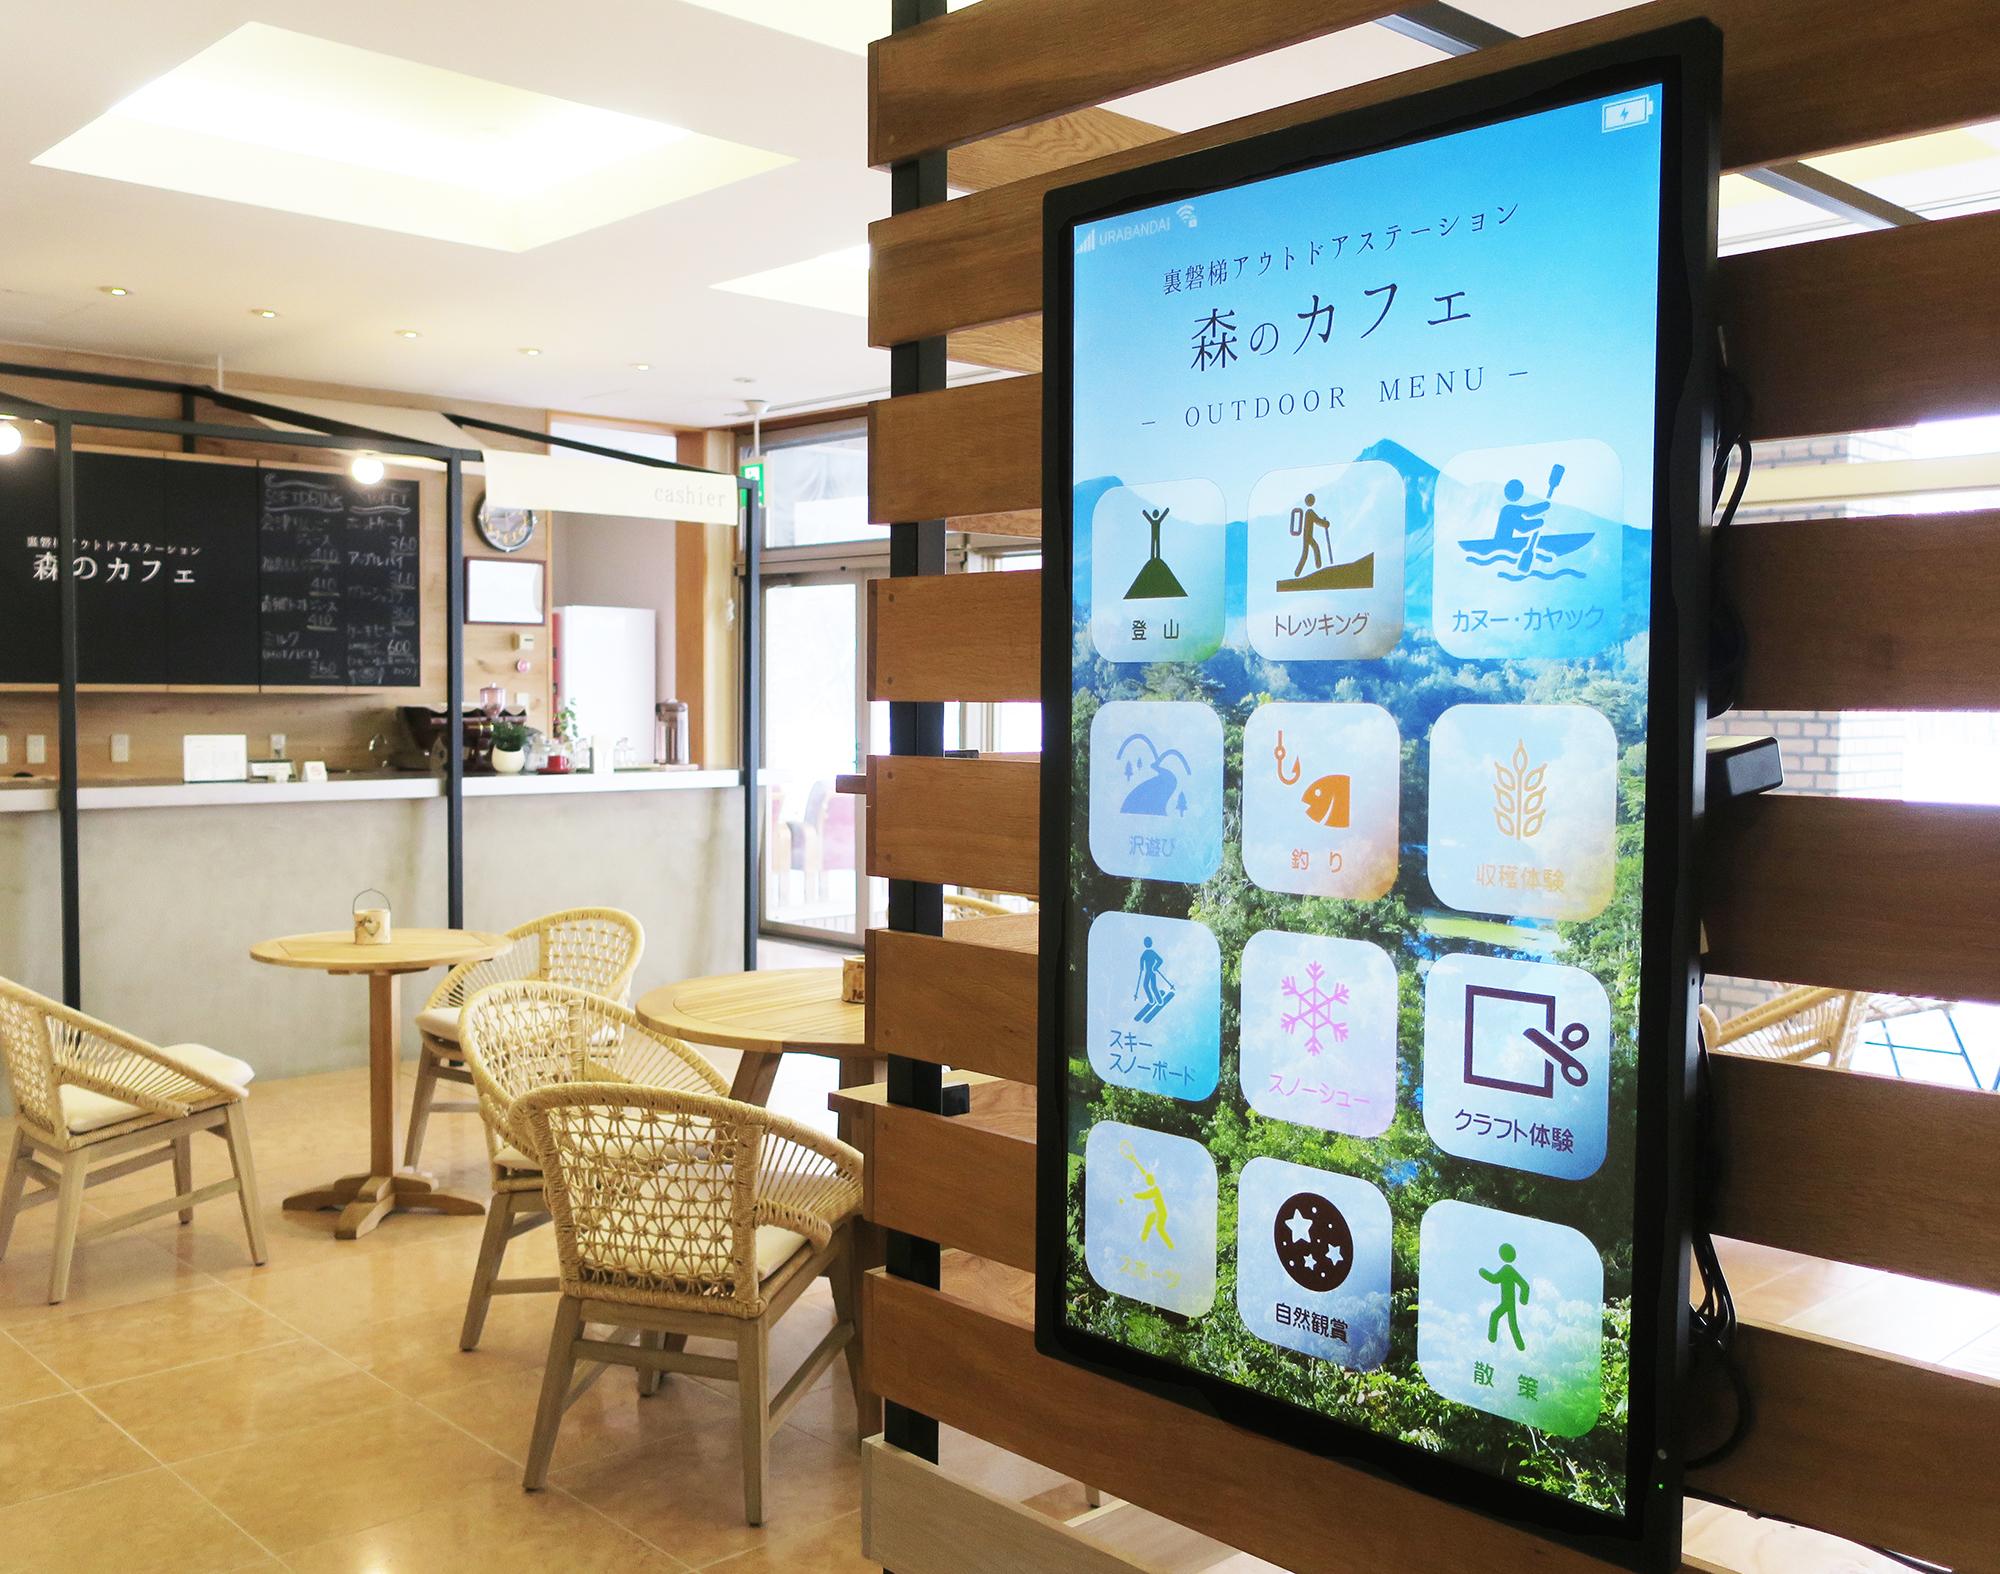 コーヒーと一緒に、地域のアウトドア体験をオーダーできる「森のカフェ」福島県北塩原村の休暇村裏磐梯でオープン~VRゴーグルでバーチャル体験も可能~